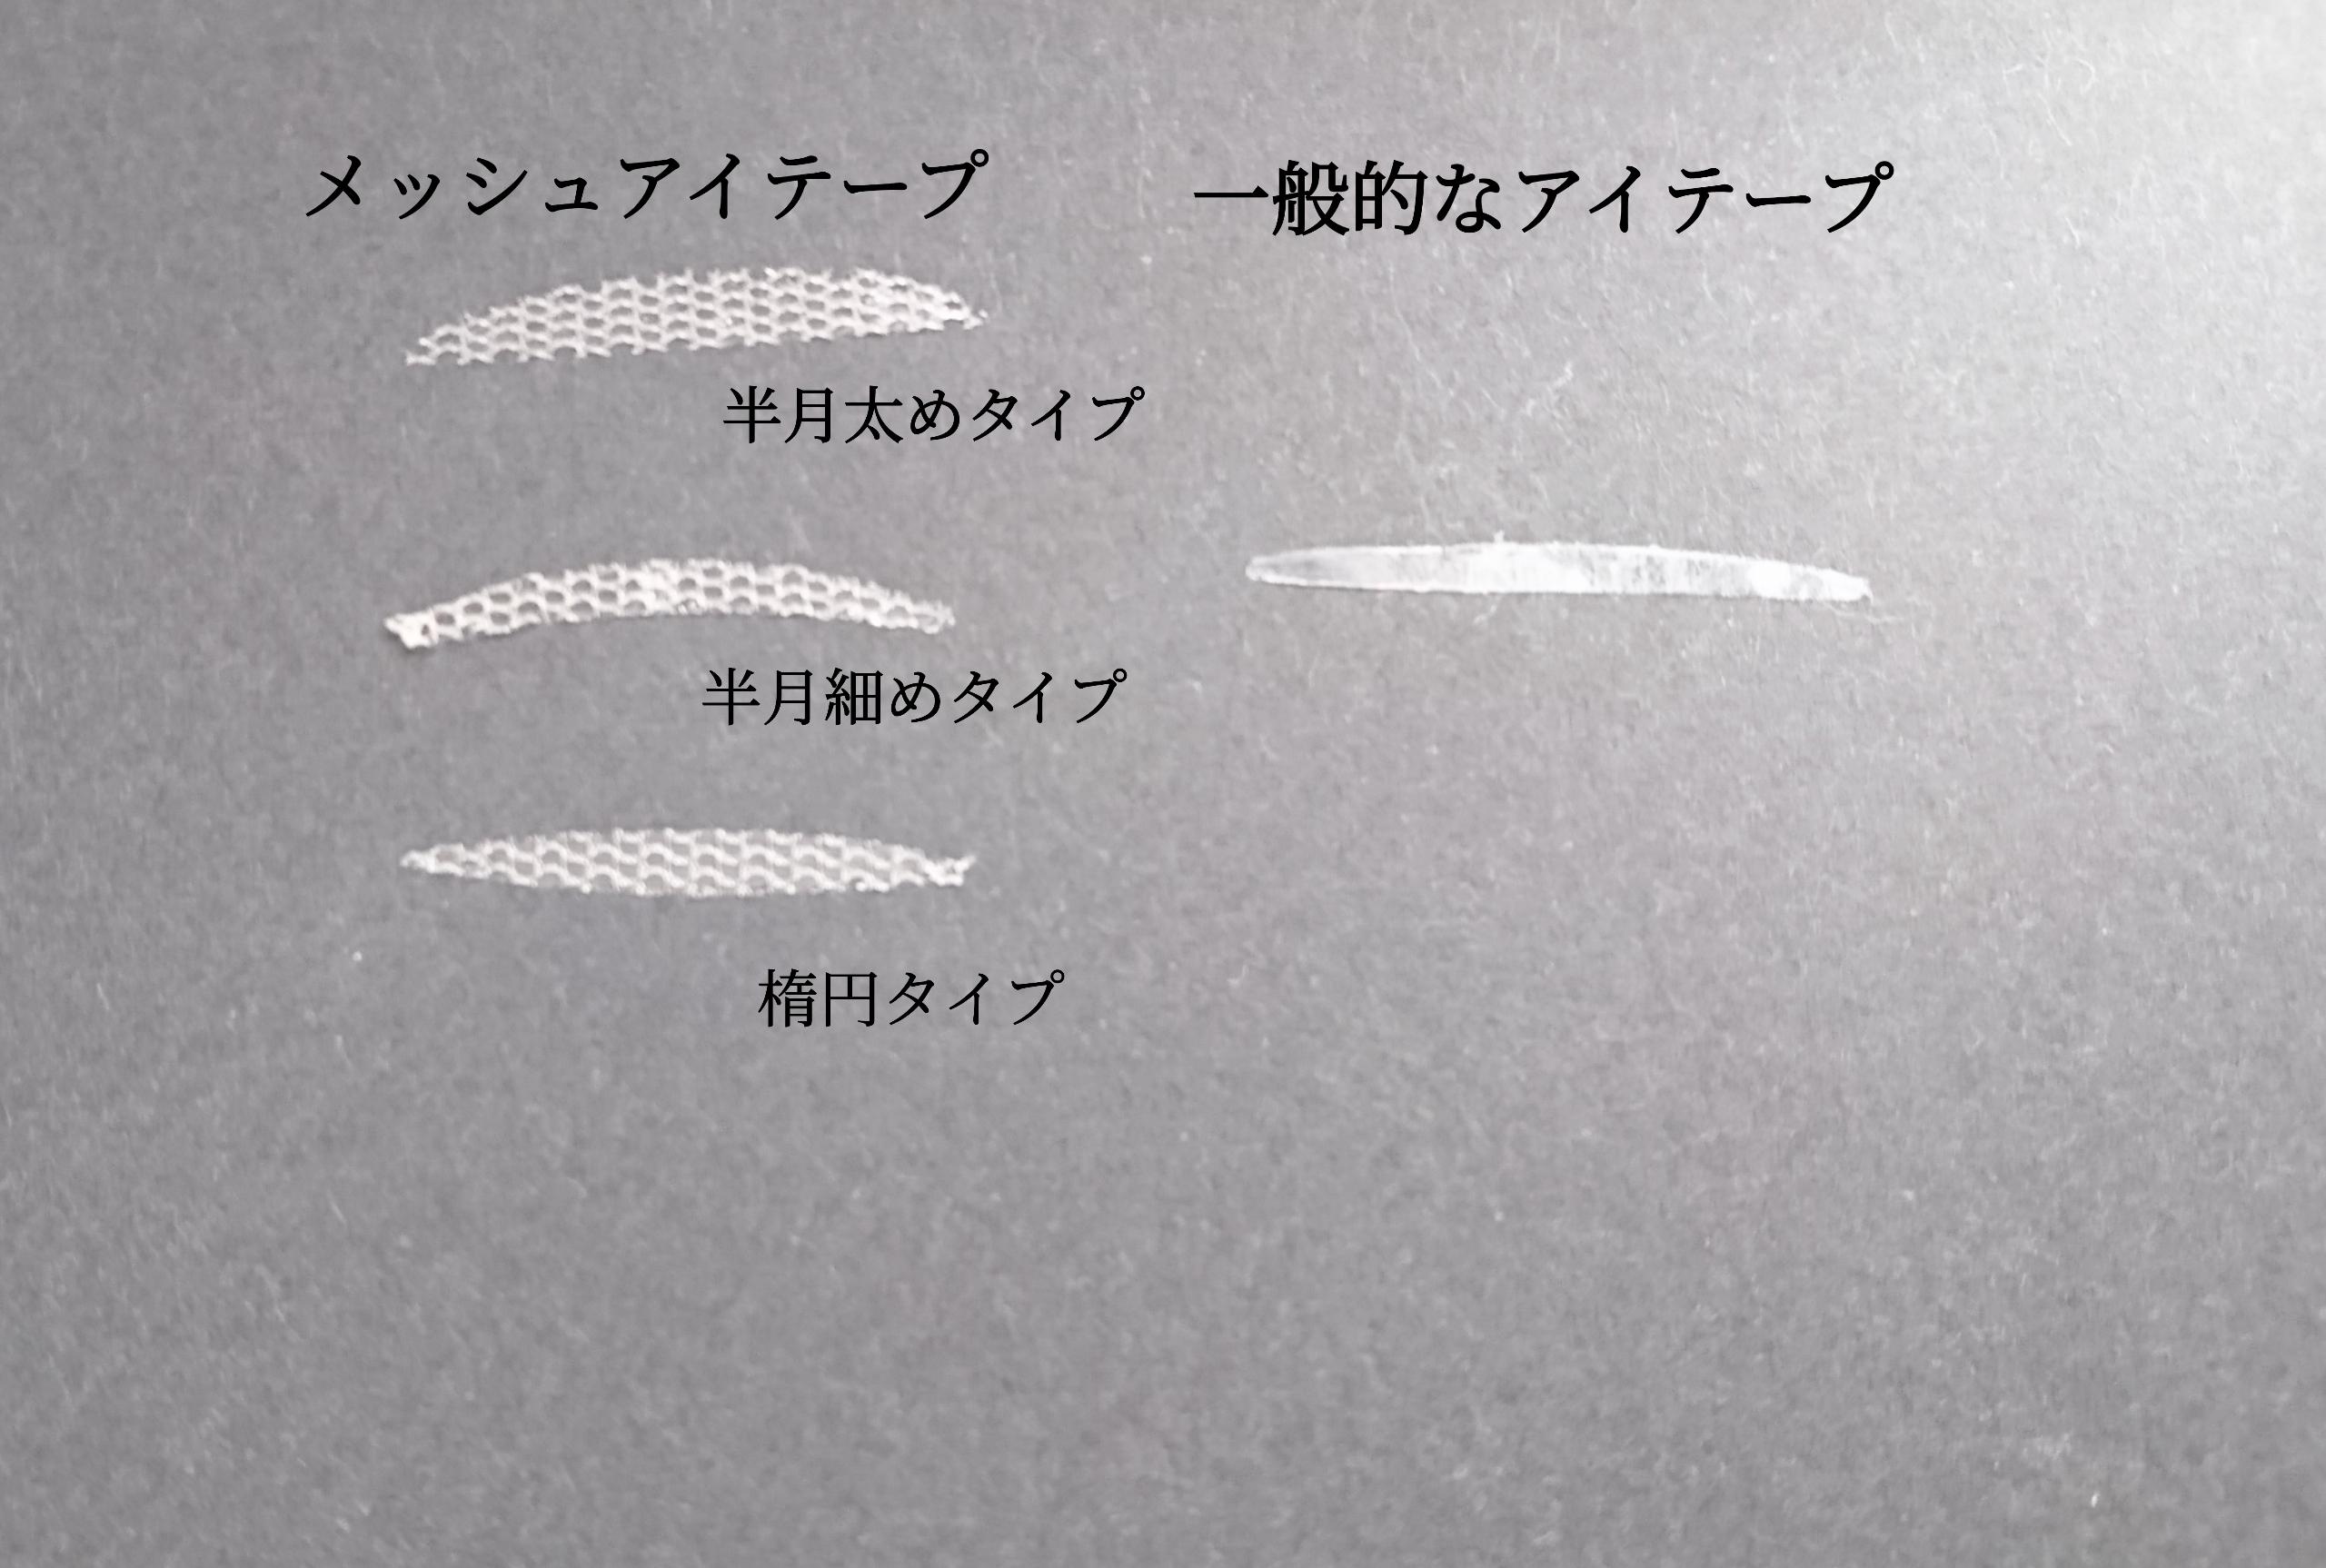 shefun(シェフン)メッシュ アイテープを使ったYuKaRi♡さんのクチコミ画像5